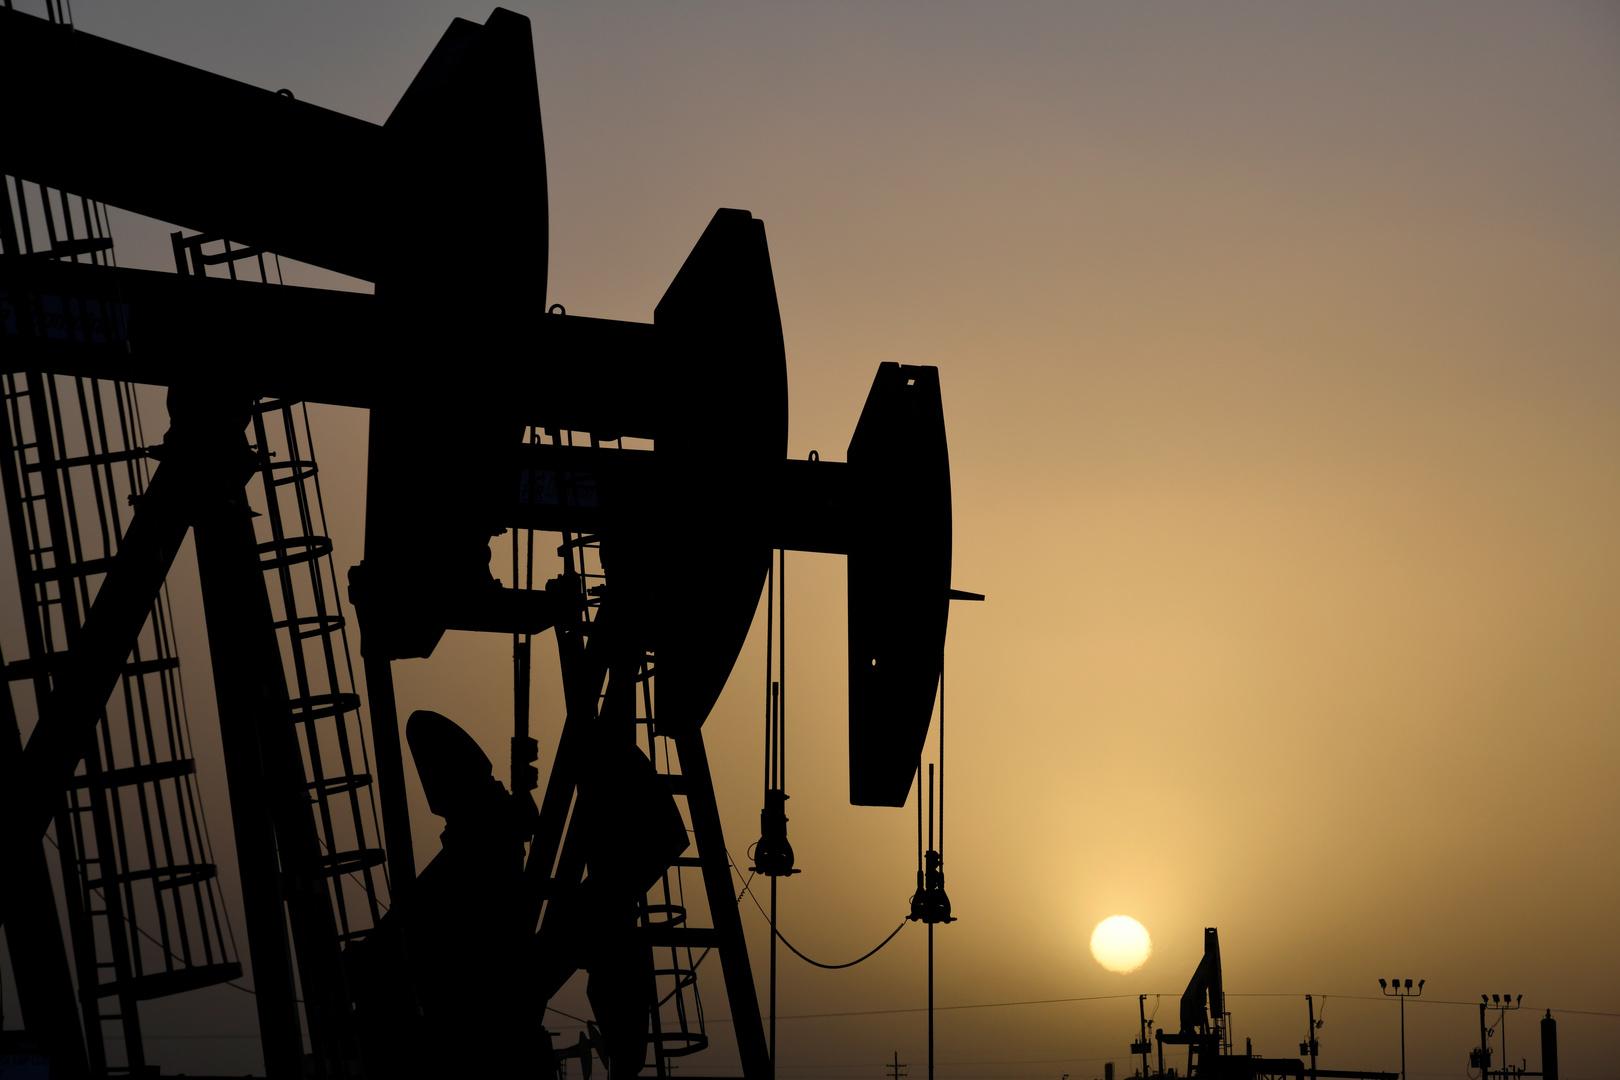 في الولايات المتحدة يتخوفون من أن يشتري الصينيون شركات النفط الصخري الأمريكية